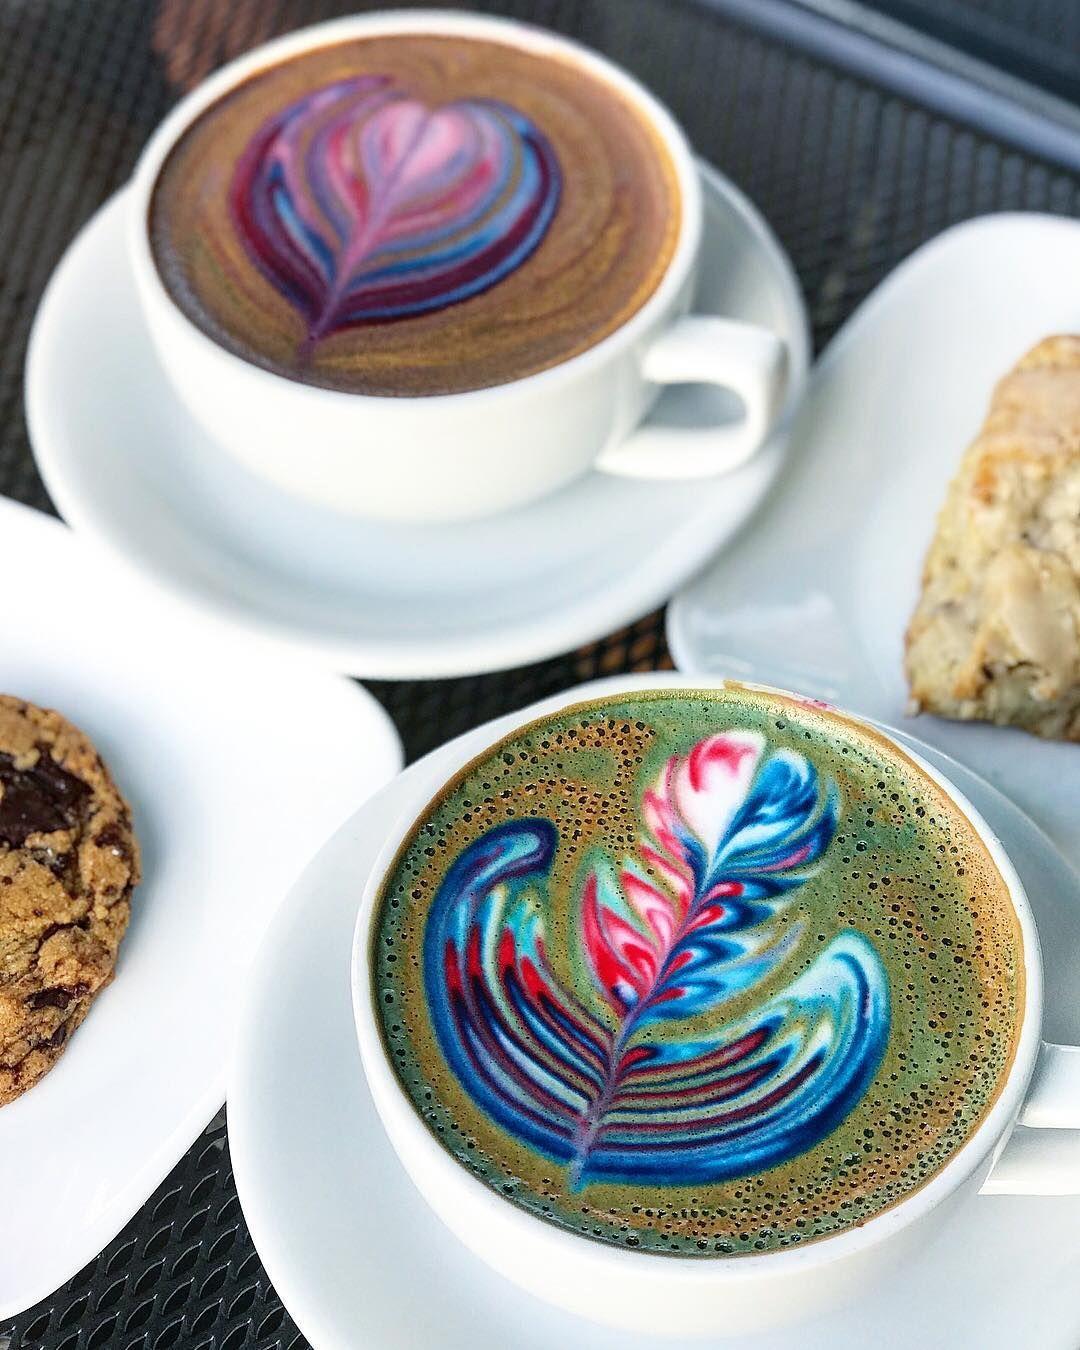 Voyager Craft Coffee In Santa Clara In 2019 Santa Clara Coffee Crafts Visit Santa